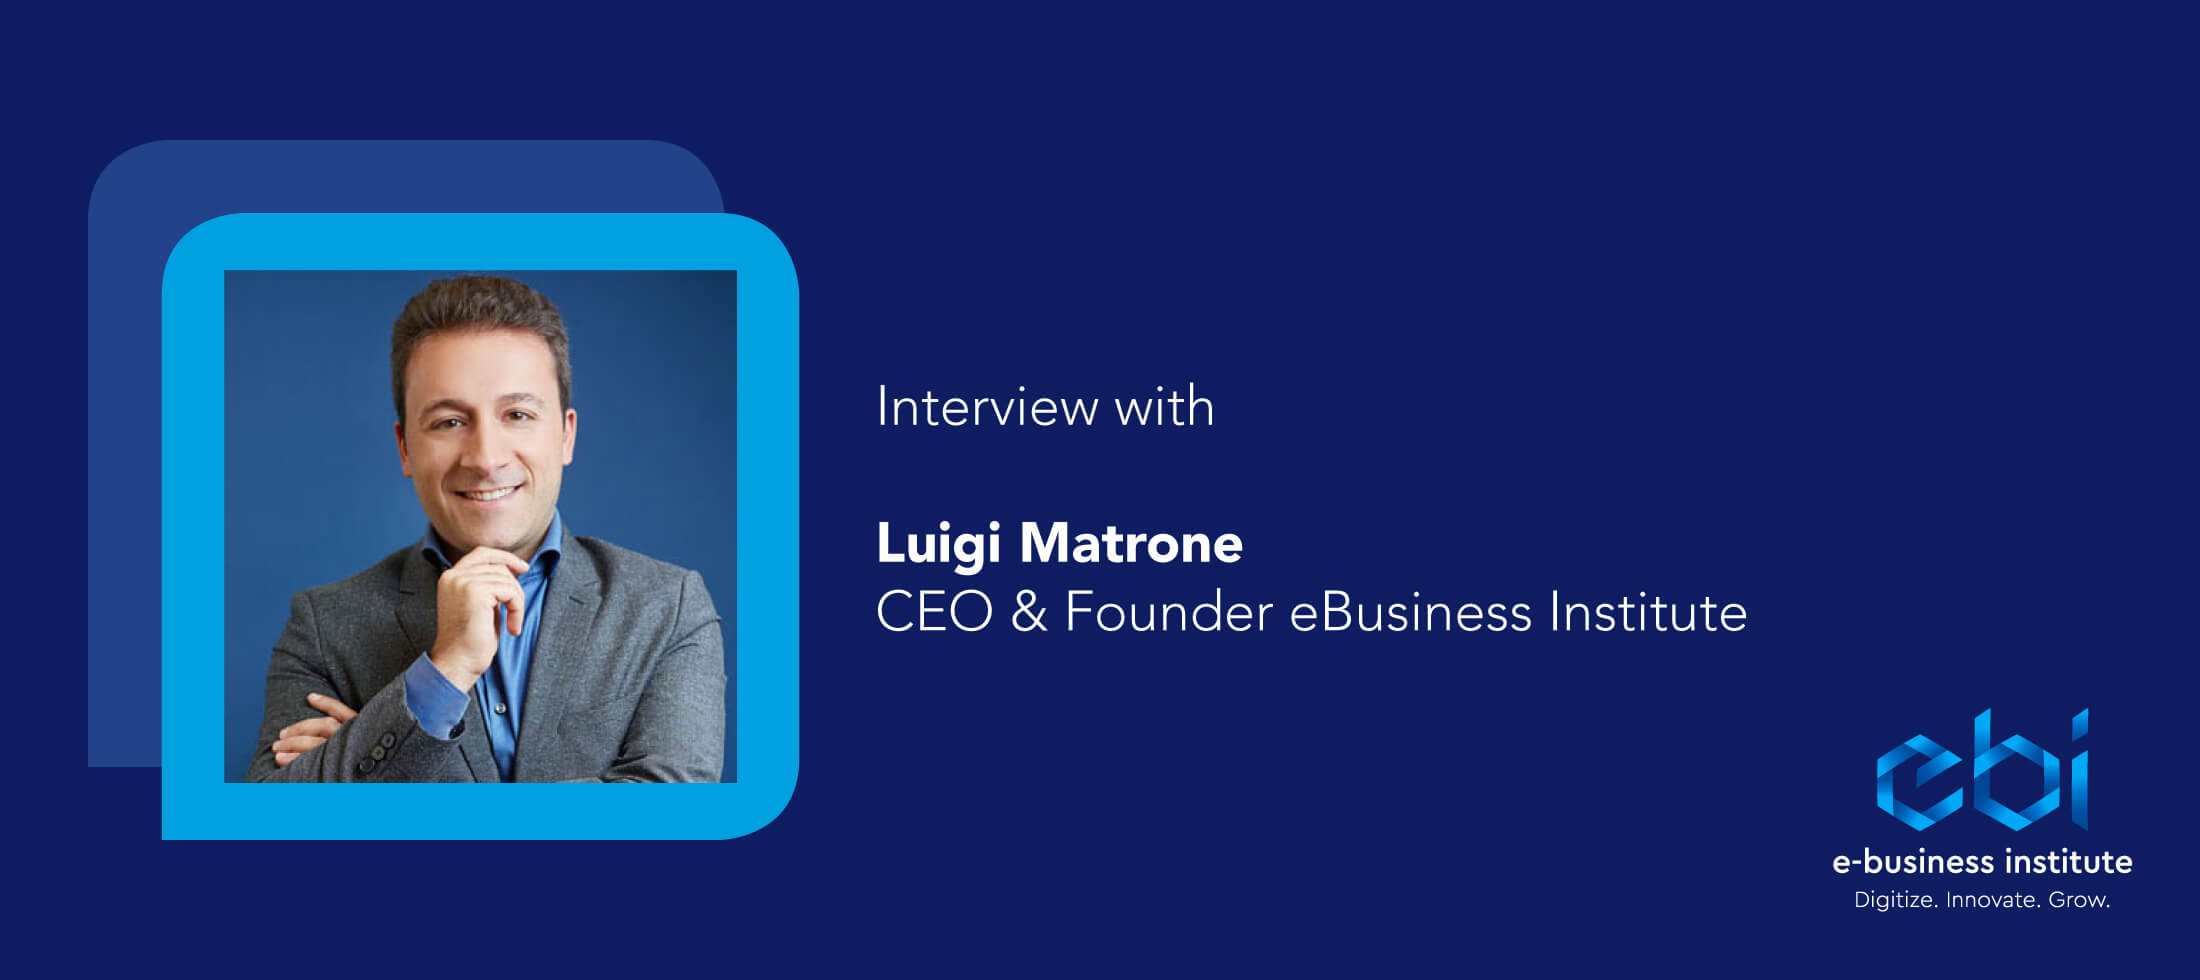 interview with Luigi Matrone wonderflow